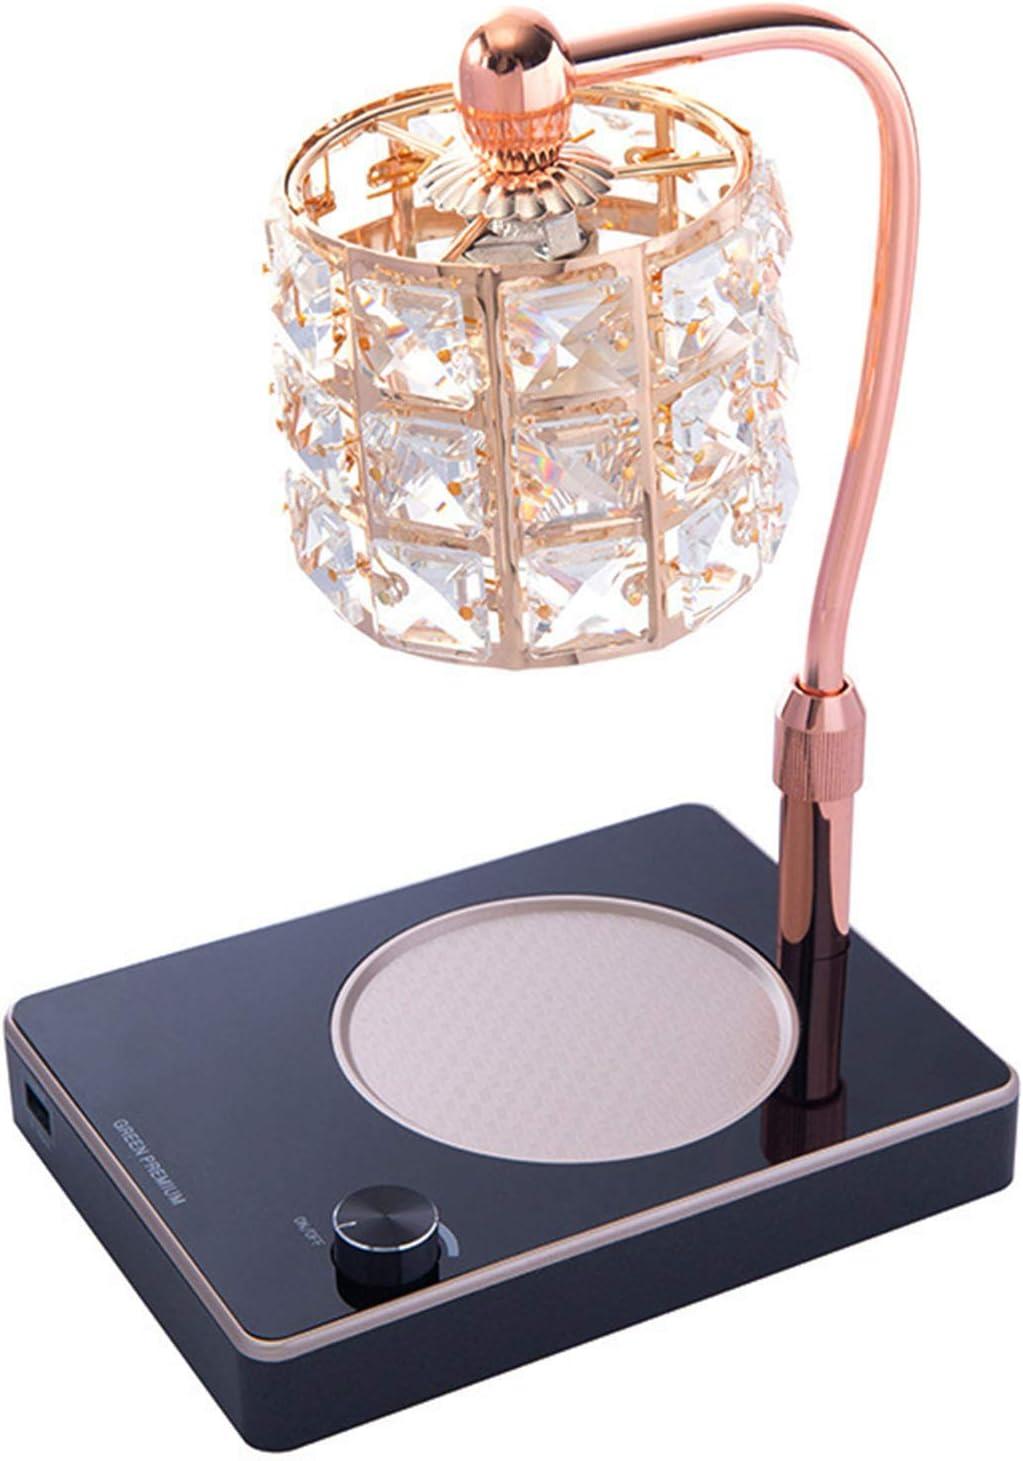 QLIGHA Max 58% OFF Crystal Candle High quality Warmer Lifting Lamp Wax Adjustable